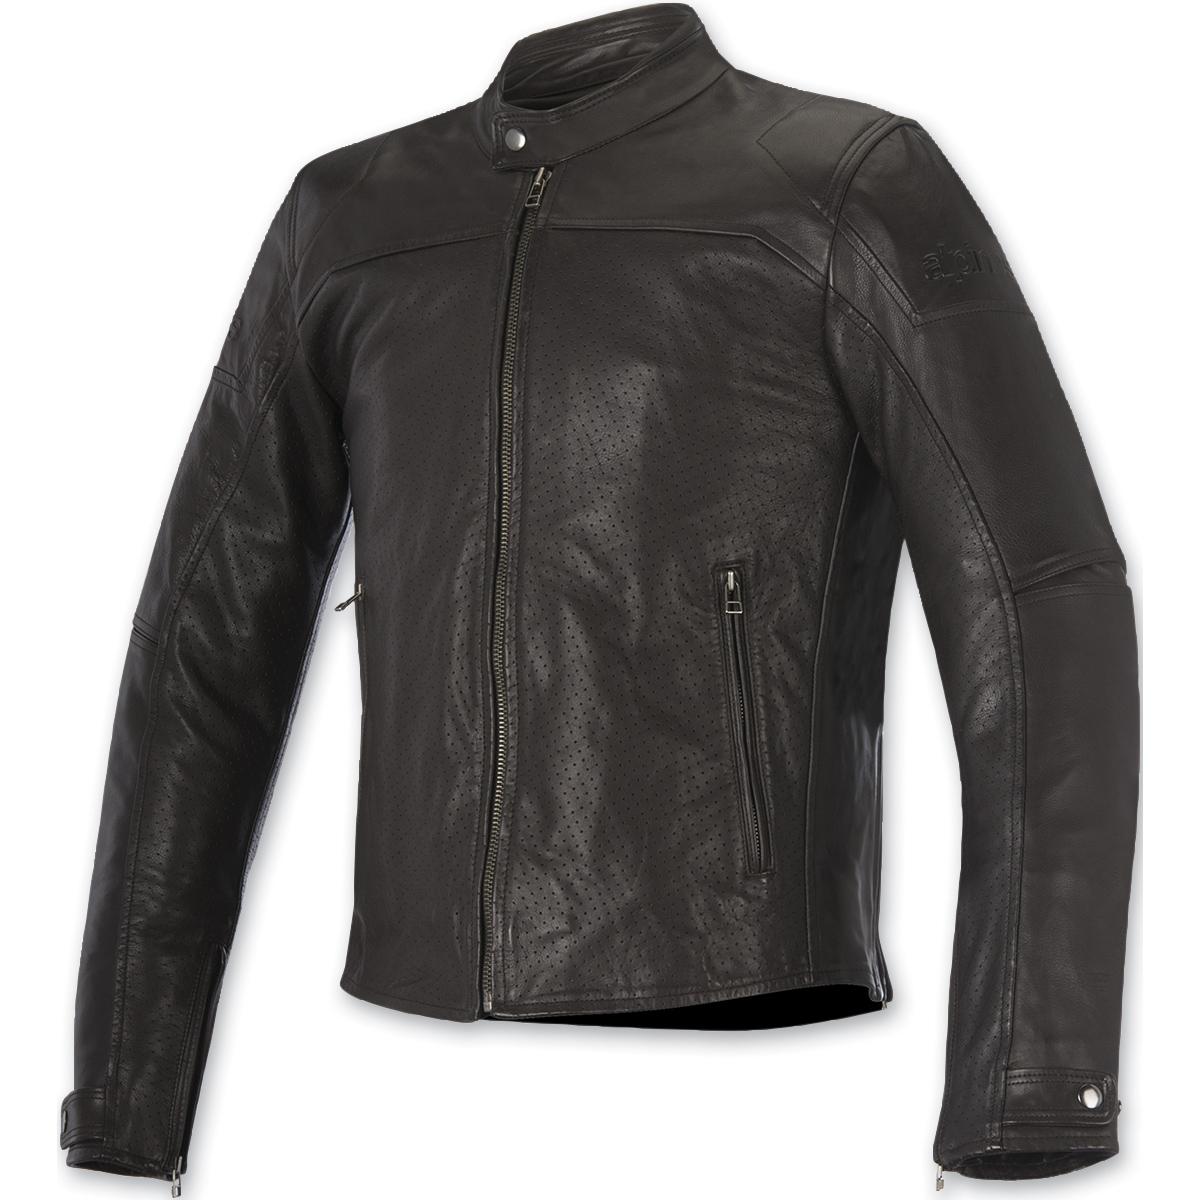 Alpinestars Men's Brera Airflow Tobacco Brown Leather Jacket